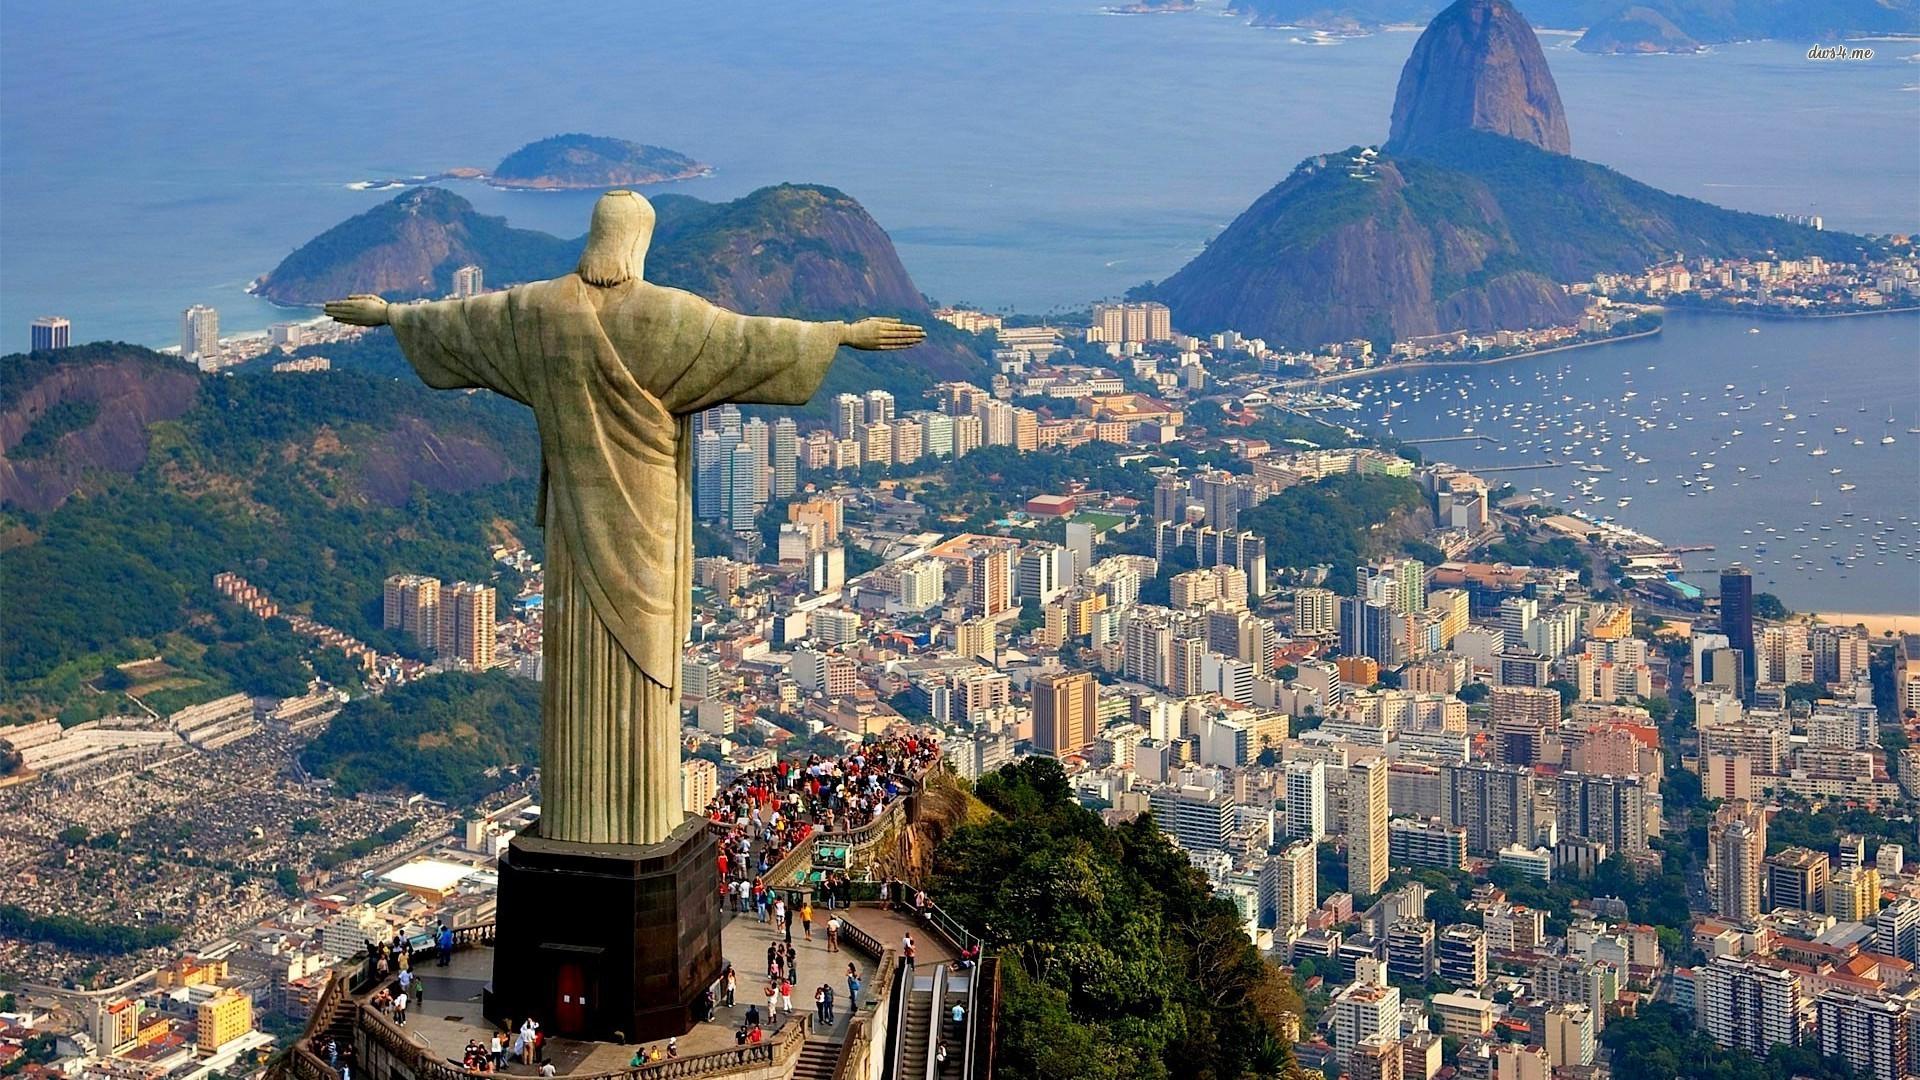 Διεθνές Συνέδριο Αισθητικής Χειρουργικής ISAPS 2014 RIO DE JANEIRO, BRAZIL